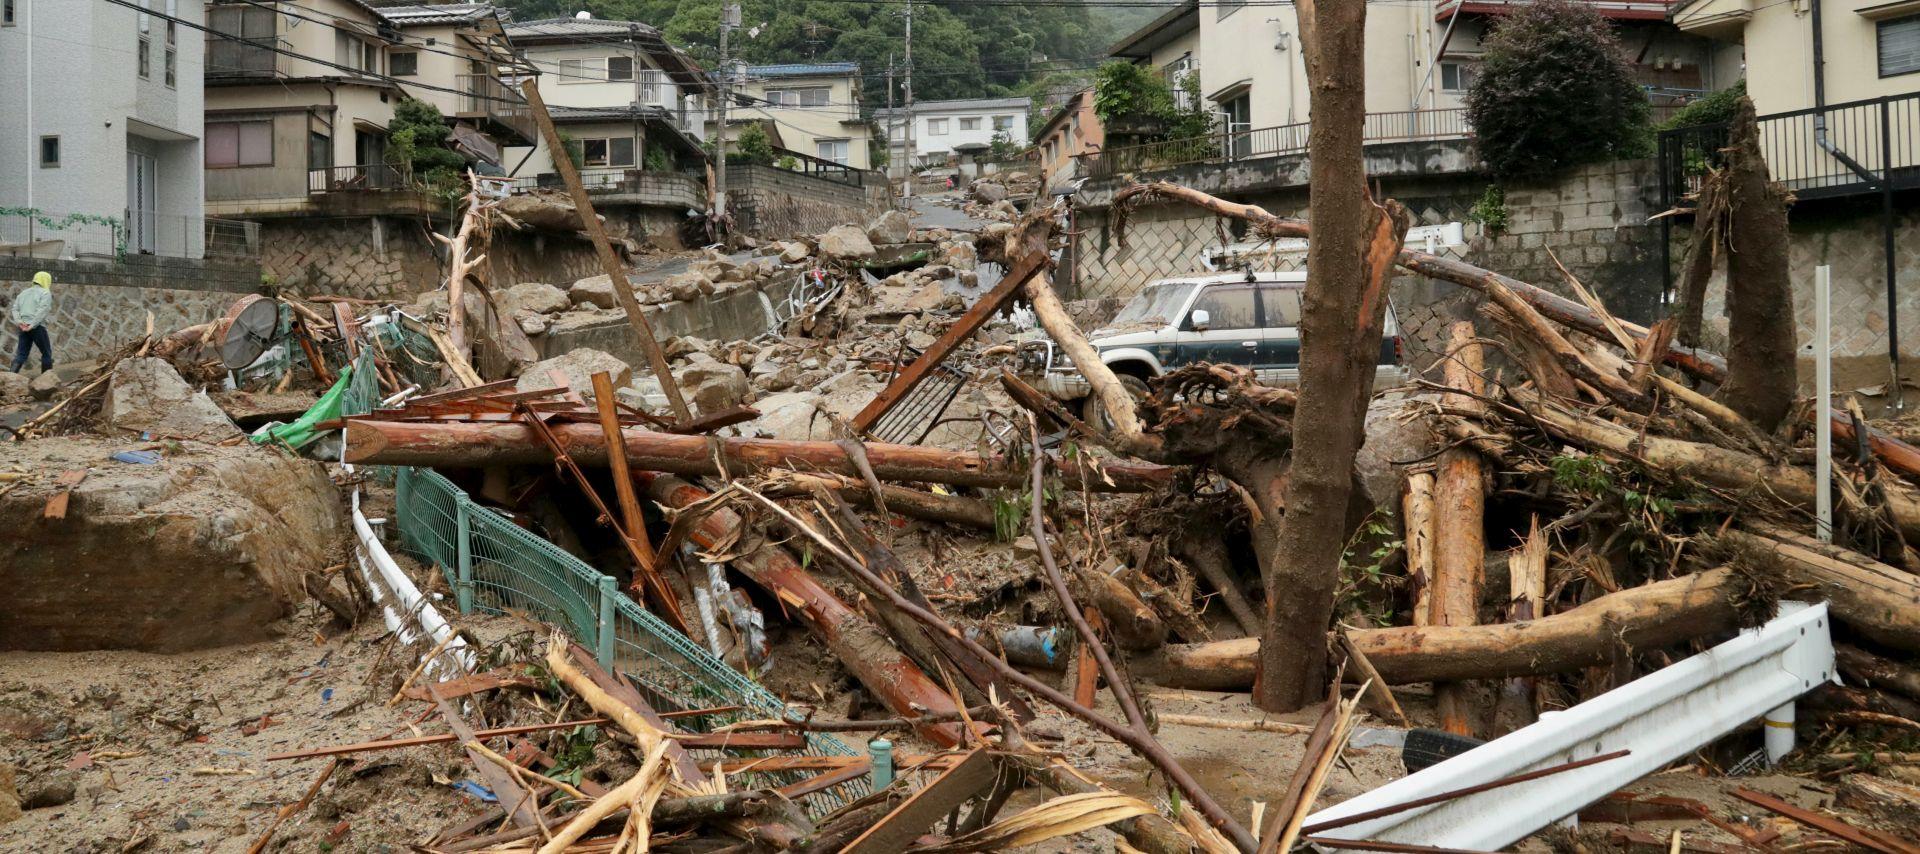 Više od 100 mrtvih u poplavama i odronima u Japanu